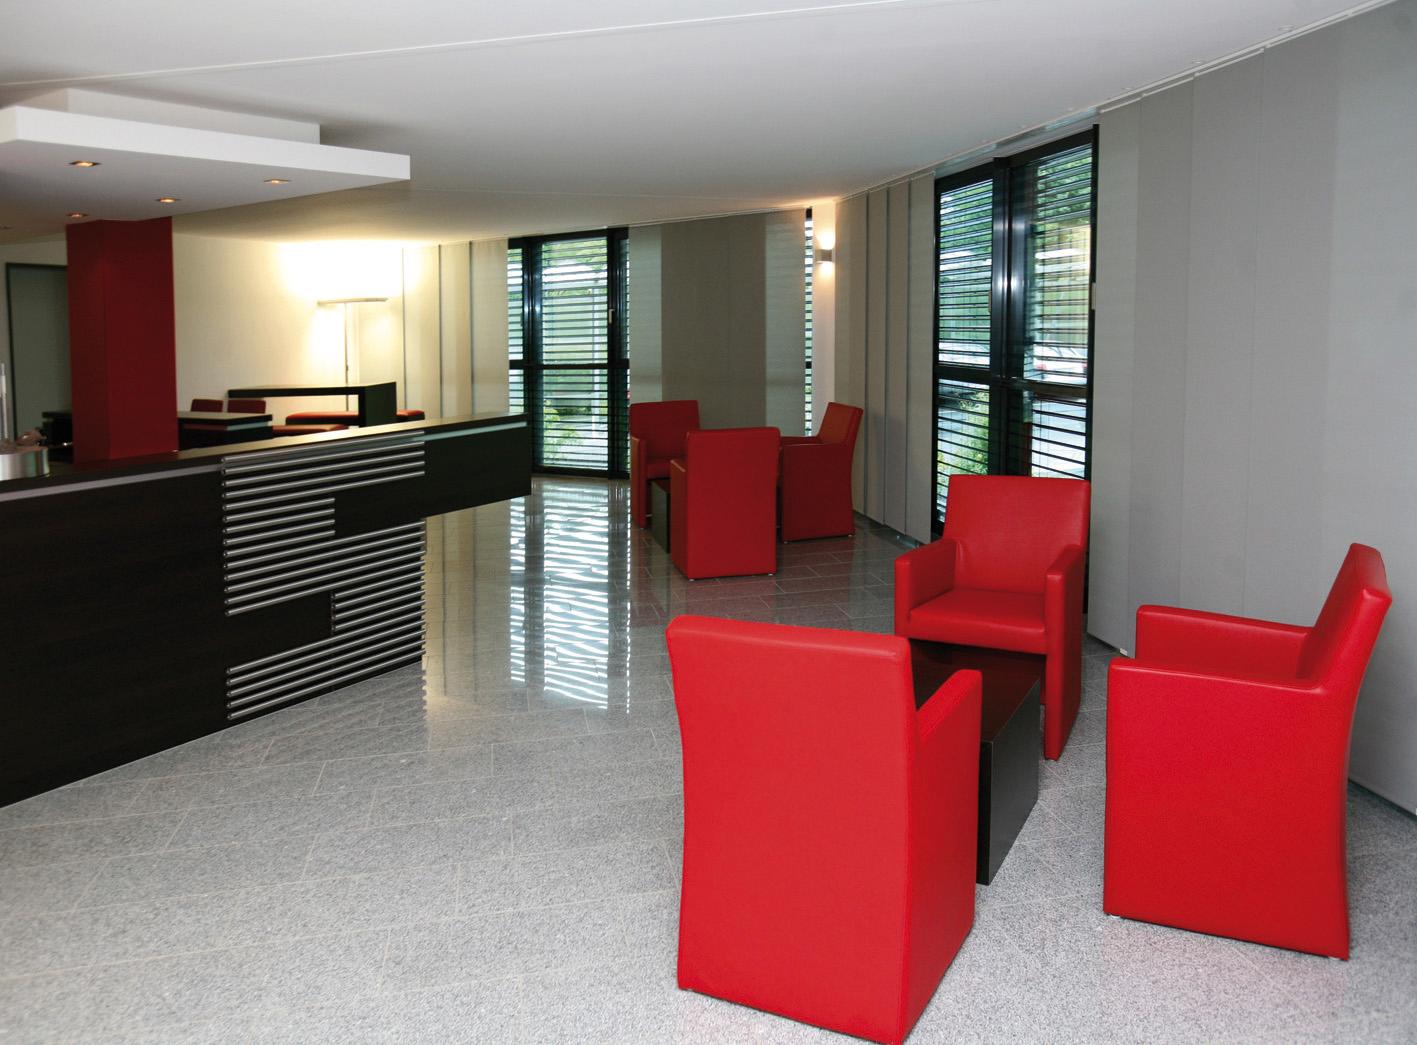 deckenk hlung die gesunde alternative zur klimaanlage. Black Bedroom Furniture Sets. Home Design Ideas